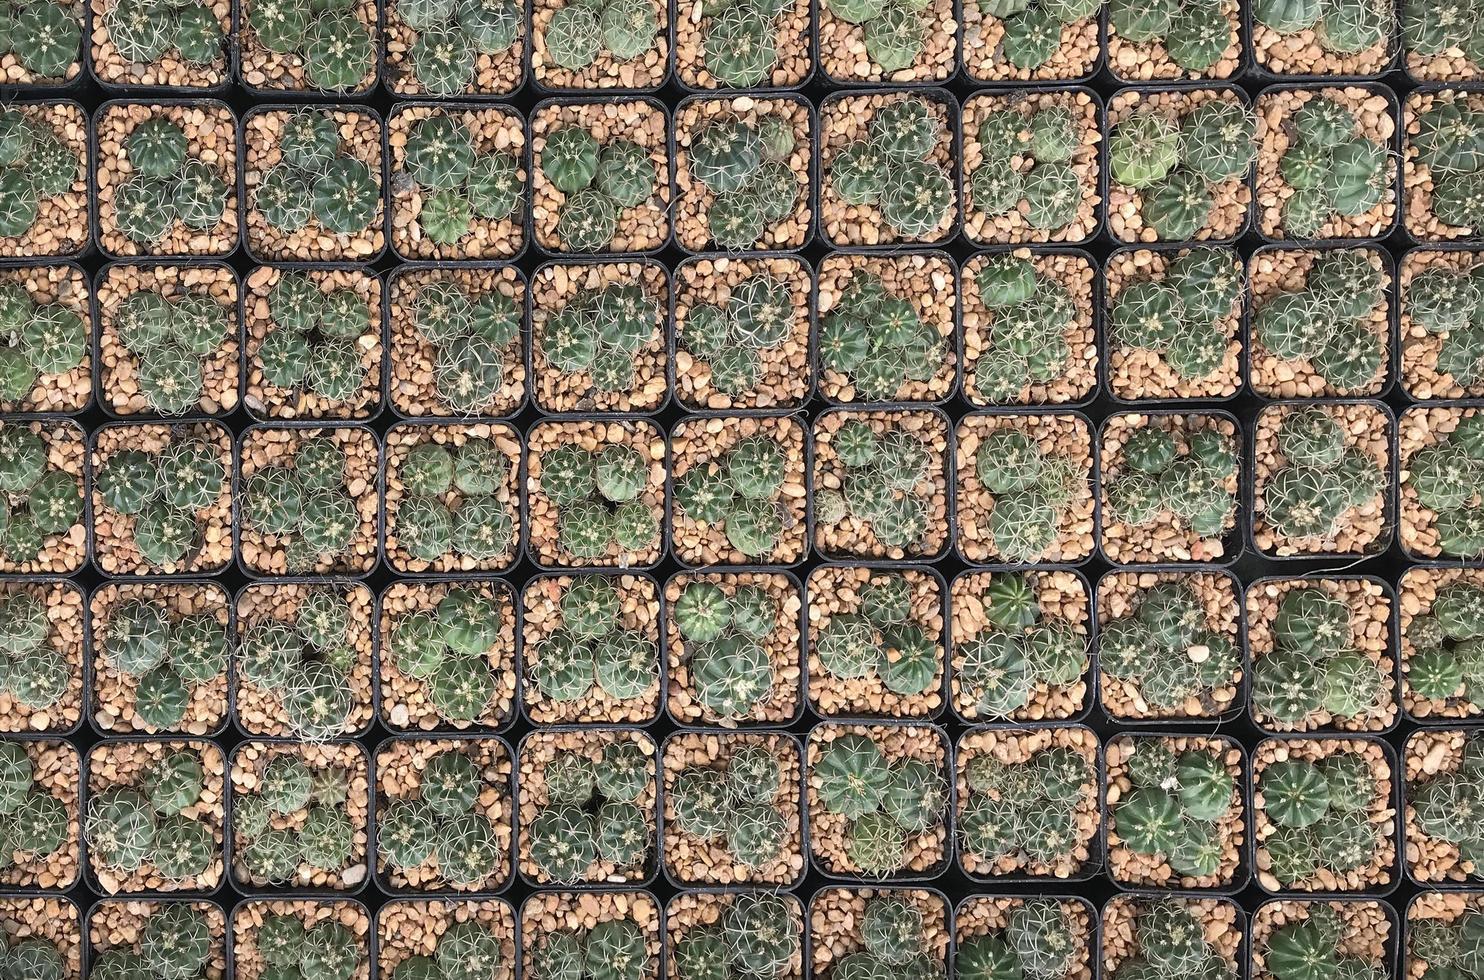 cactus en macetas vista superior foto